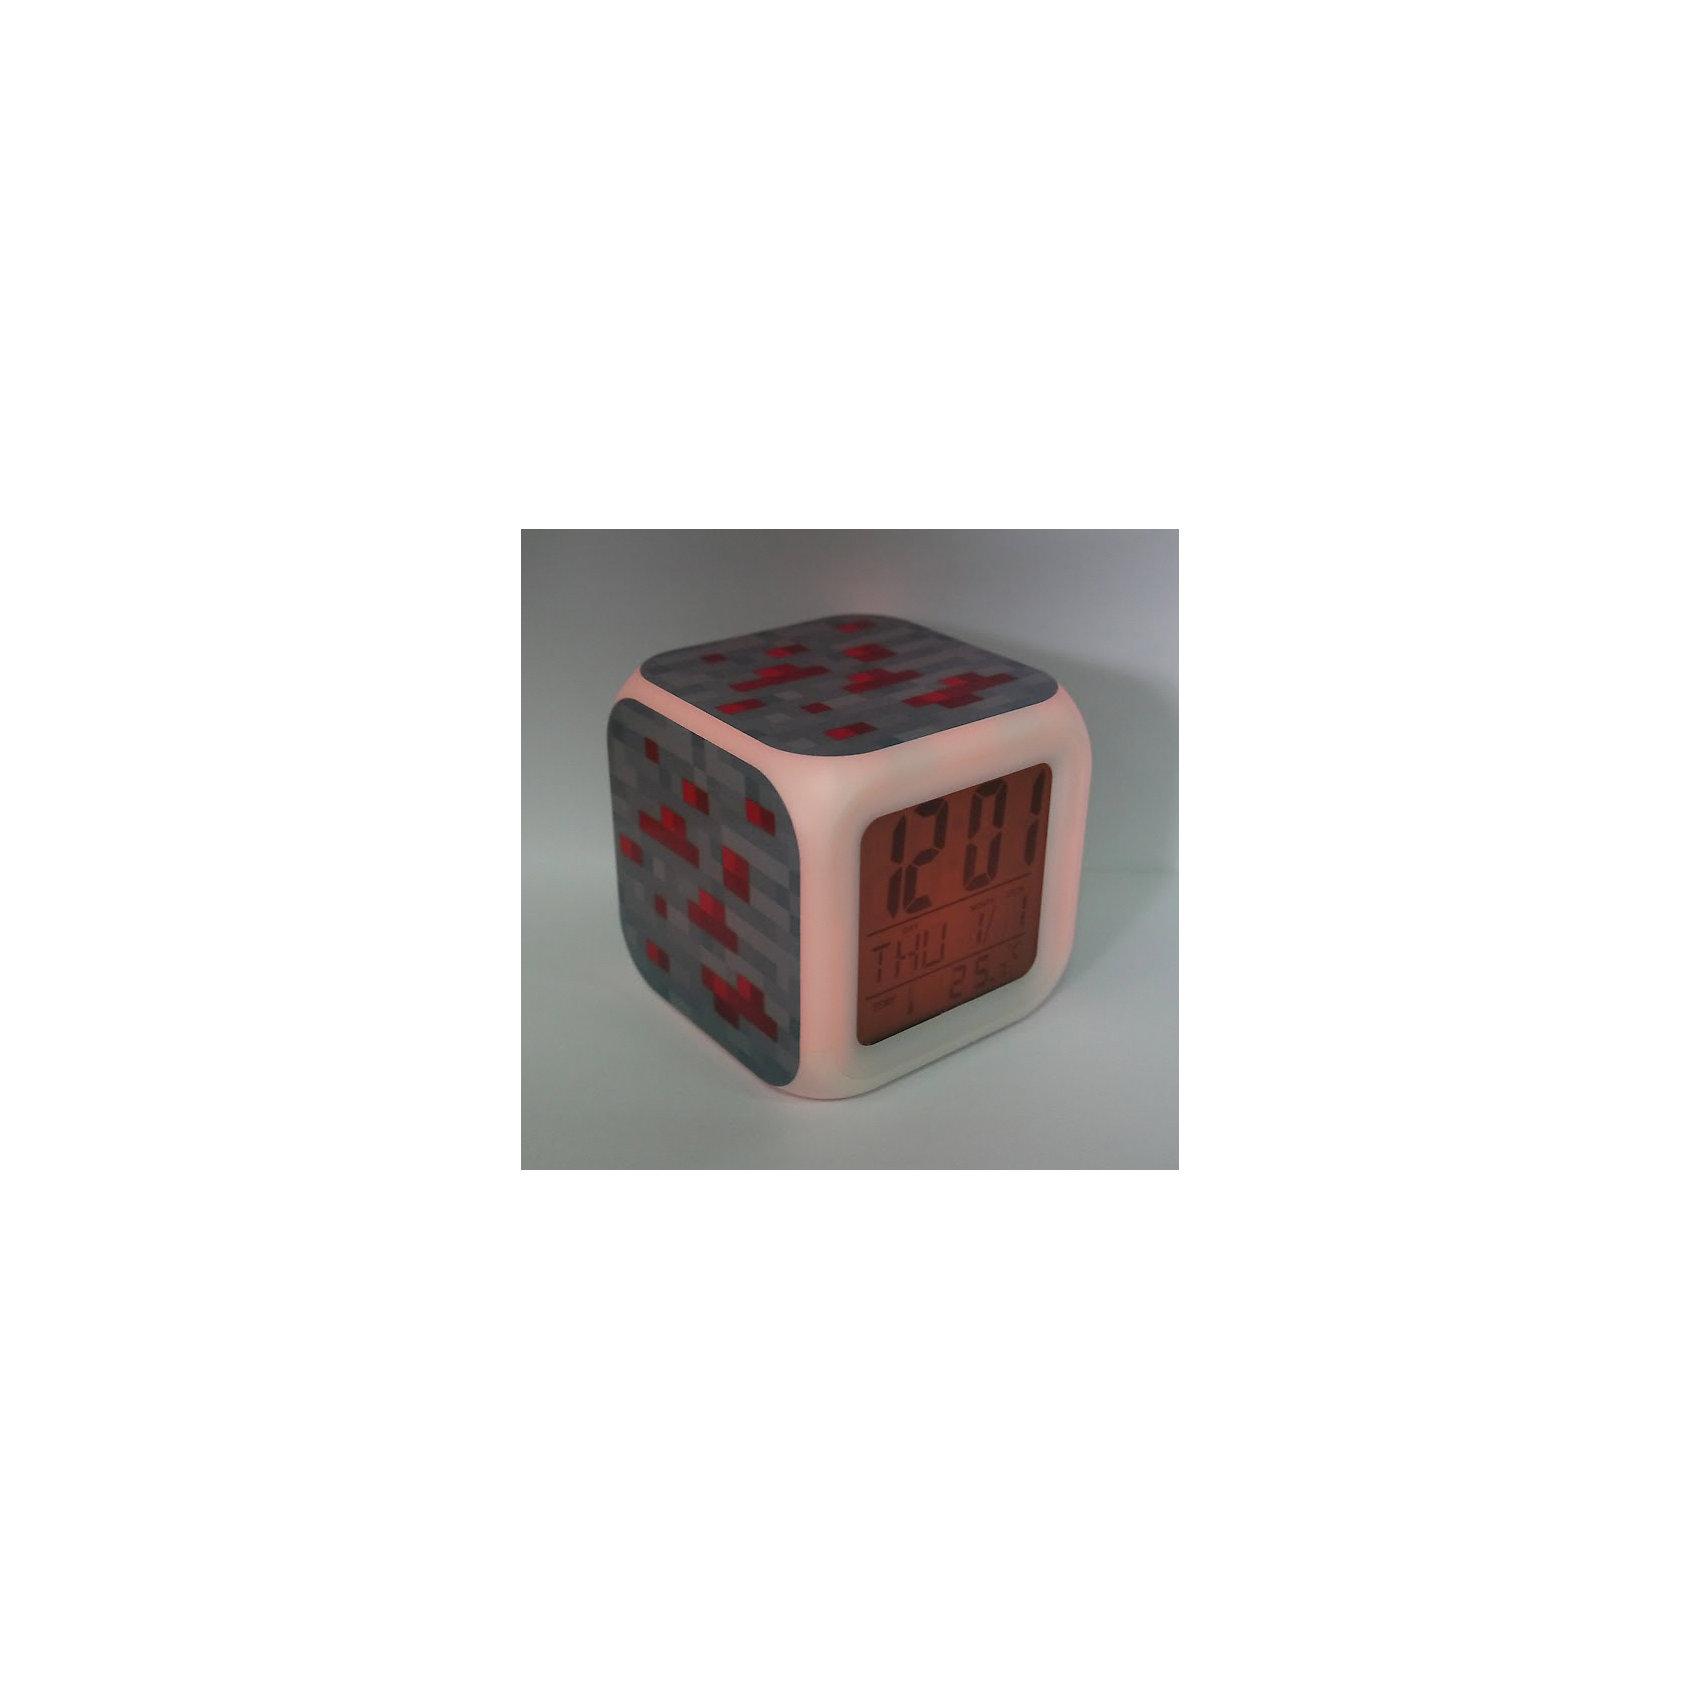 Часы-будильник Блок красной руды с подсветкойЧасы создающие настроение.  Это – светильник, часы, будильник. Семь оттенков мягкой подсветки, термометр и календарь. Все данные отображаются на ЖК-дисплее.<br>Питание: 4 элемента типа ААА. (входят в комплект)<br><br>Ширина мм: 95<br>Глубина мм: 95<br>Высота мм: 95<br>Вес г: 200<br>Возраст от месяцев: 36<br>Возраст до месяцев: 216<br>Пол: Унисекс<br>Возраст: Детский<br>SKU: 4173239